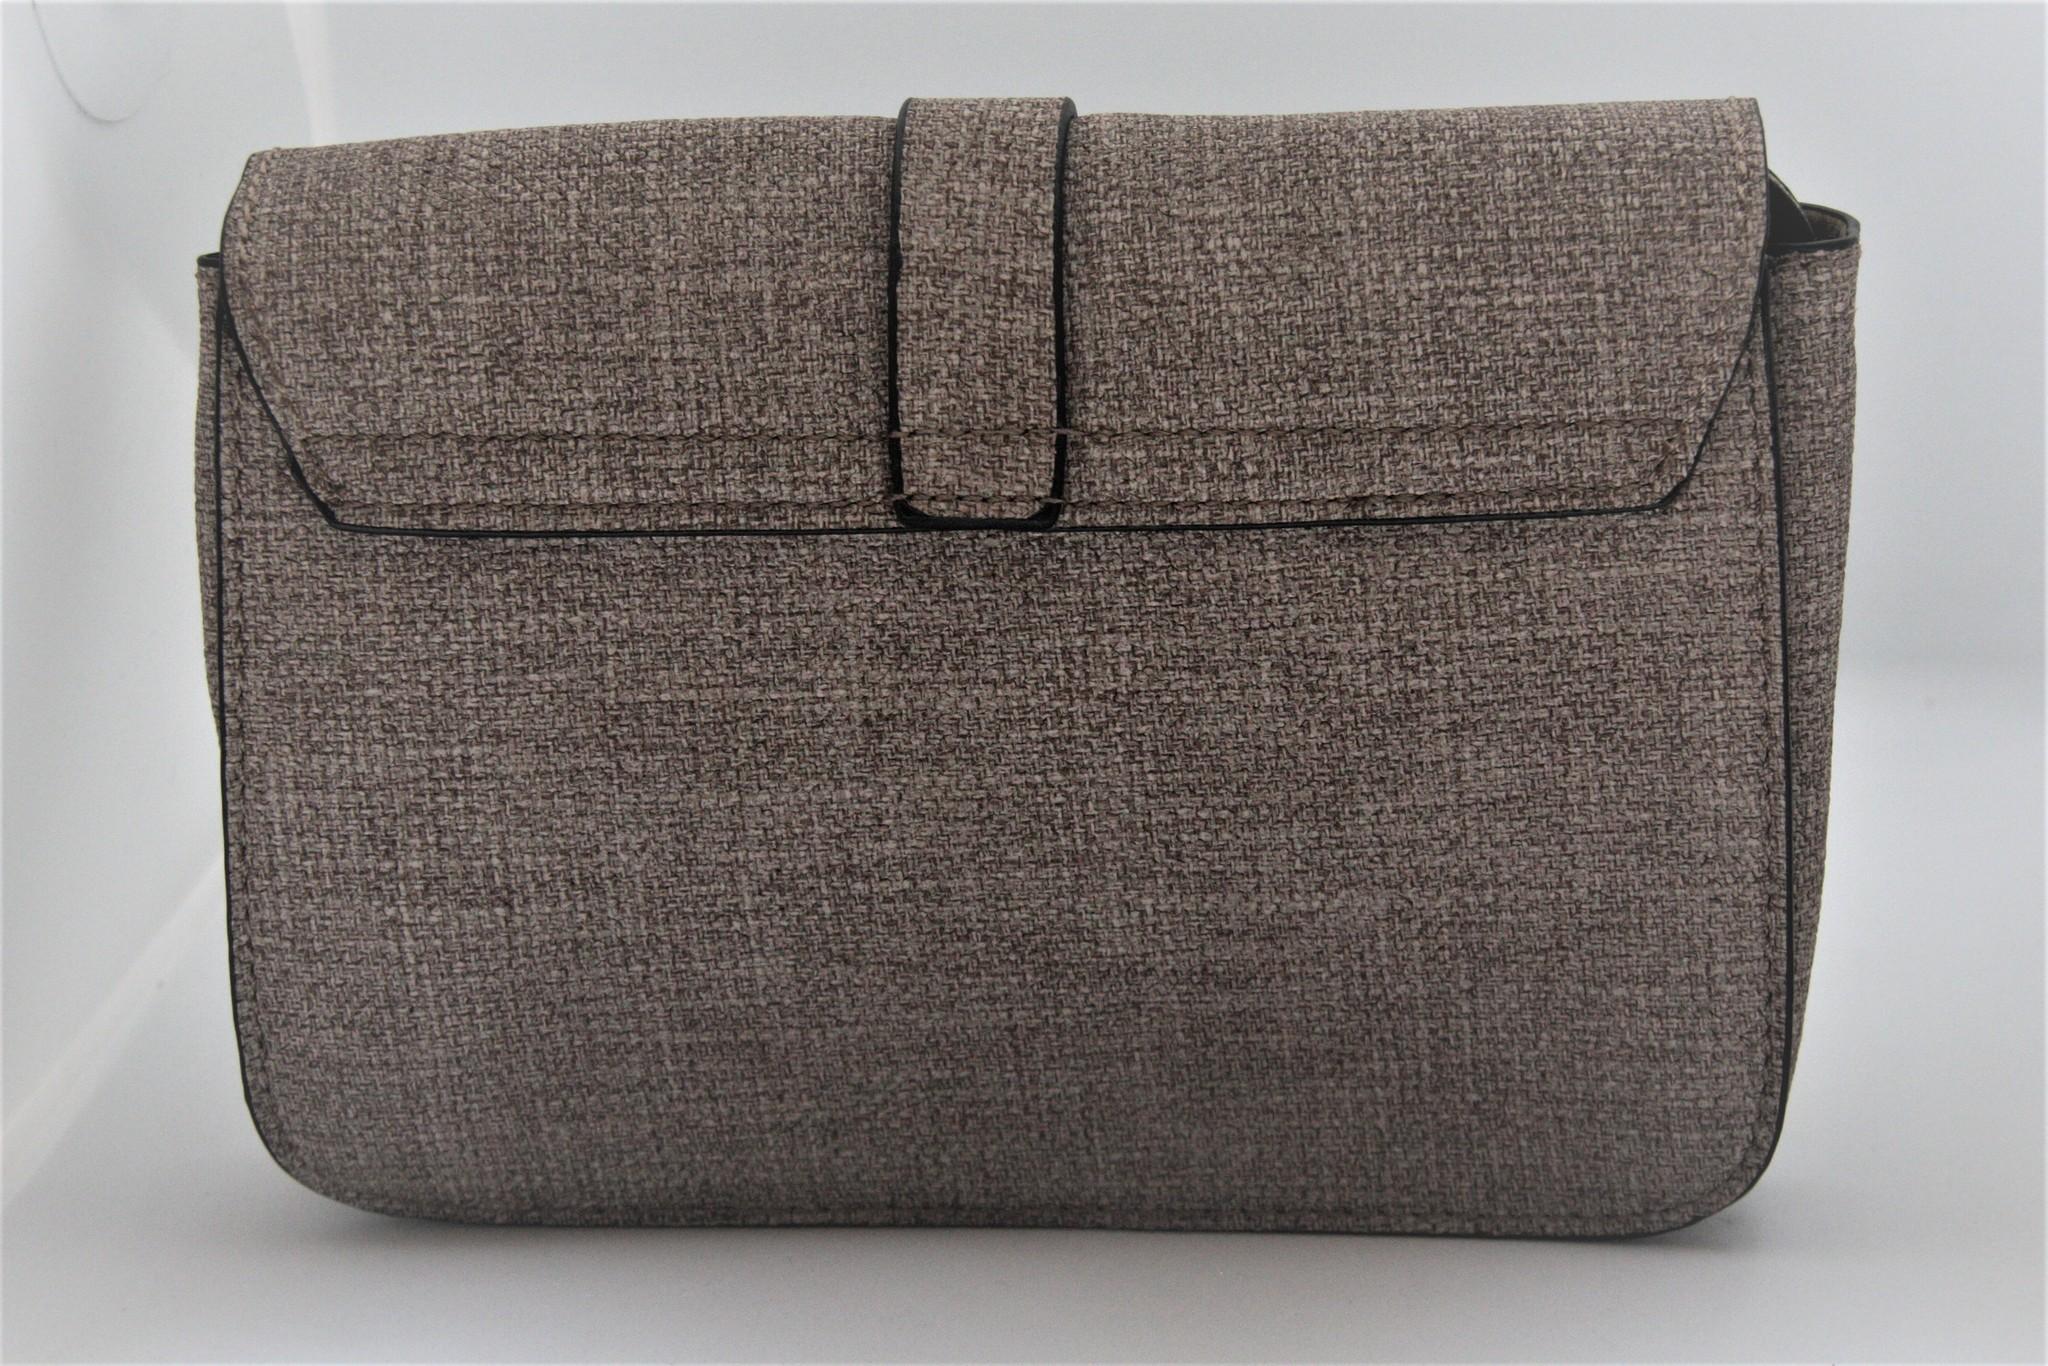 Zaza'z Small lightbrown bag